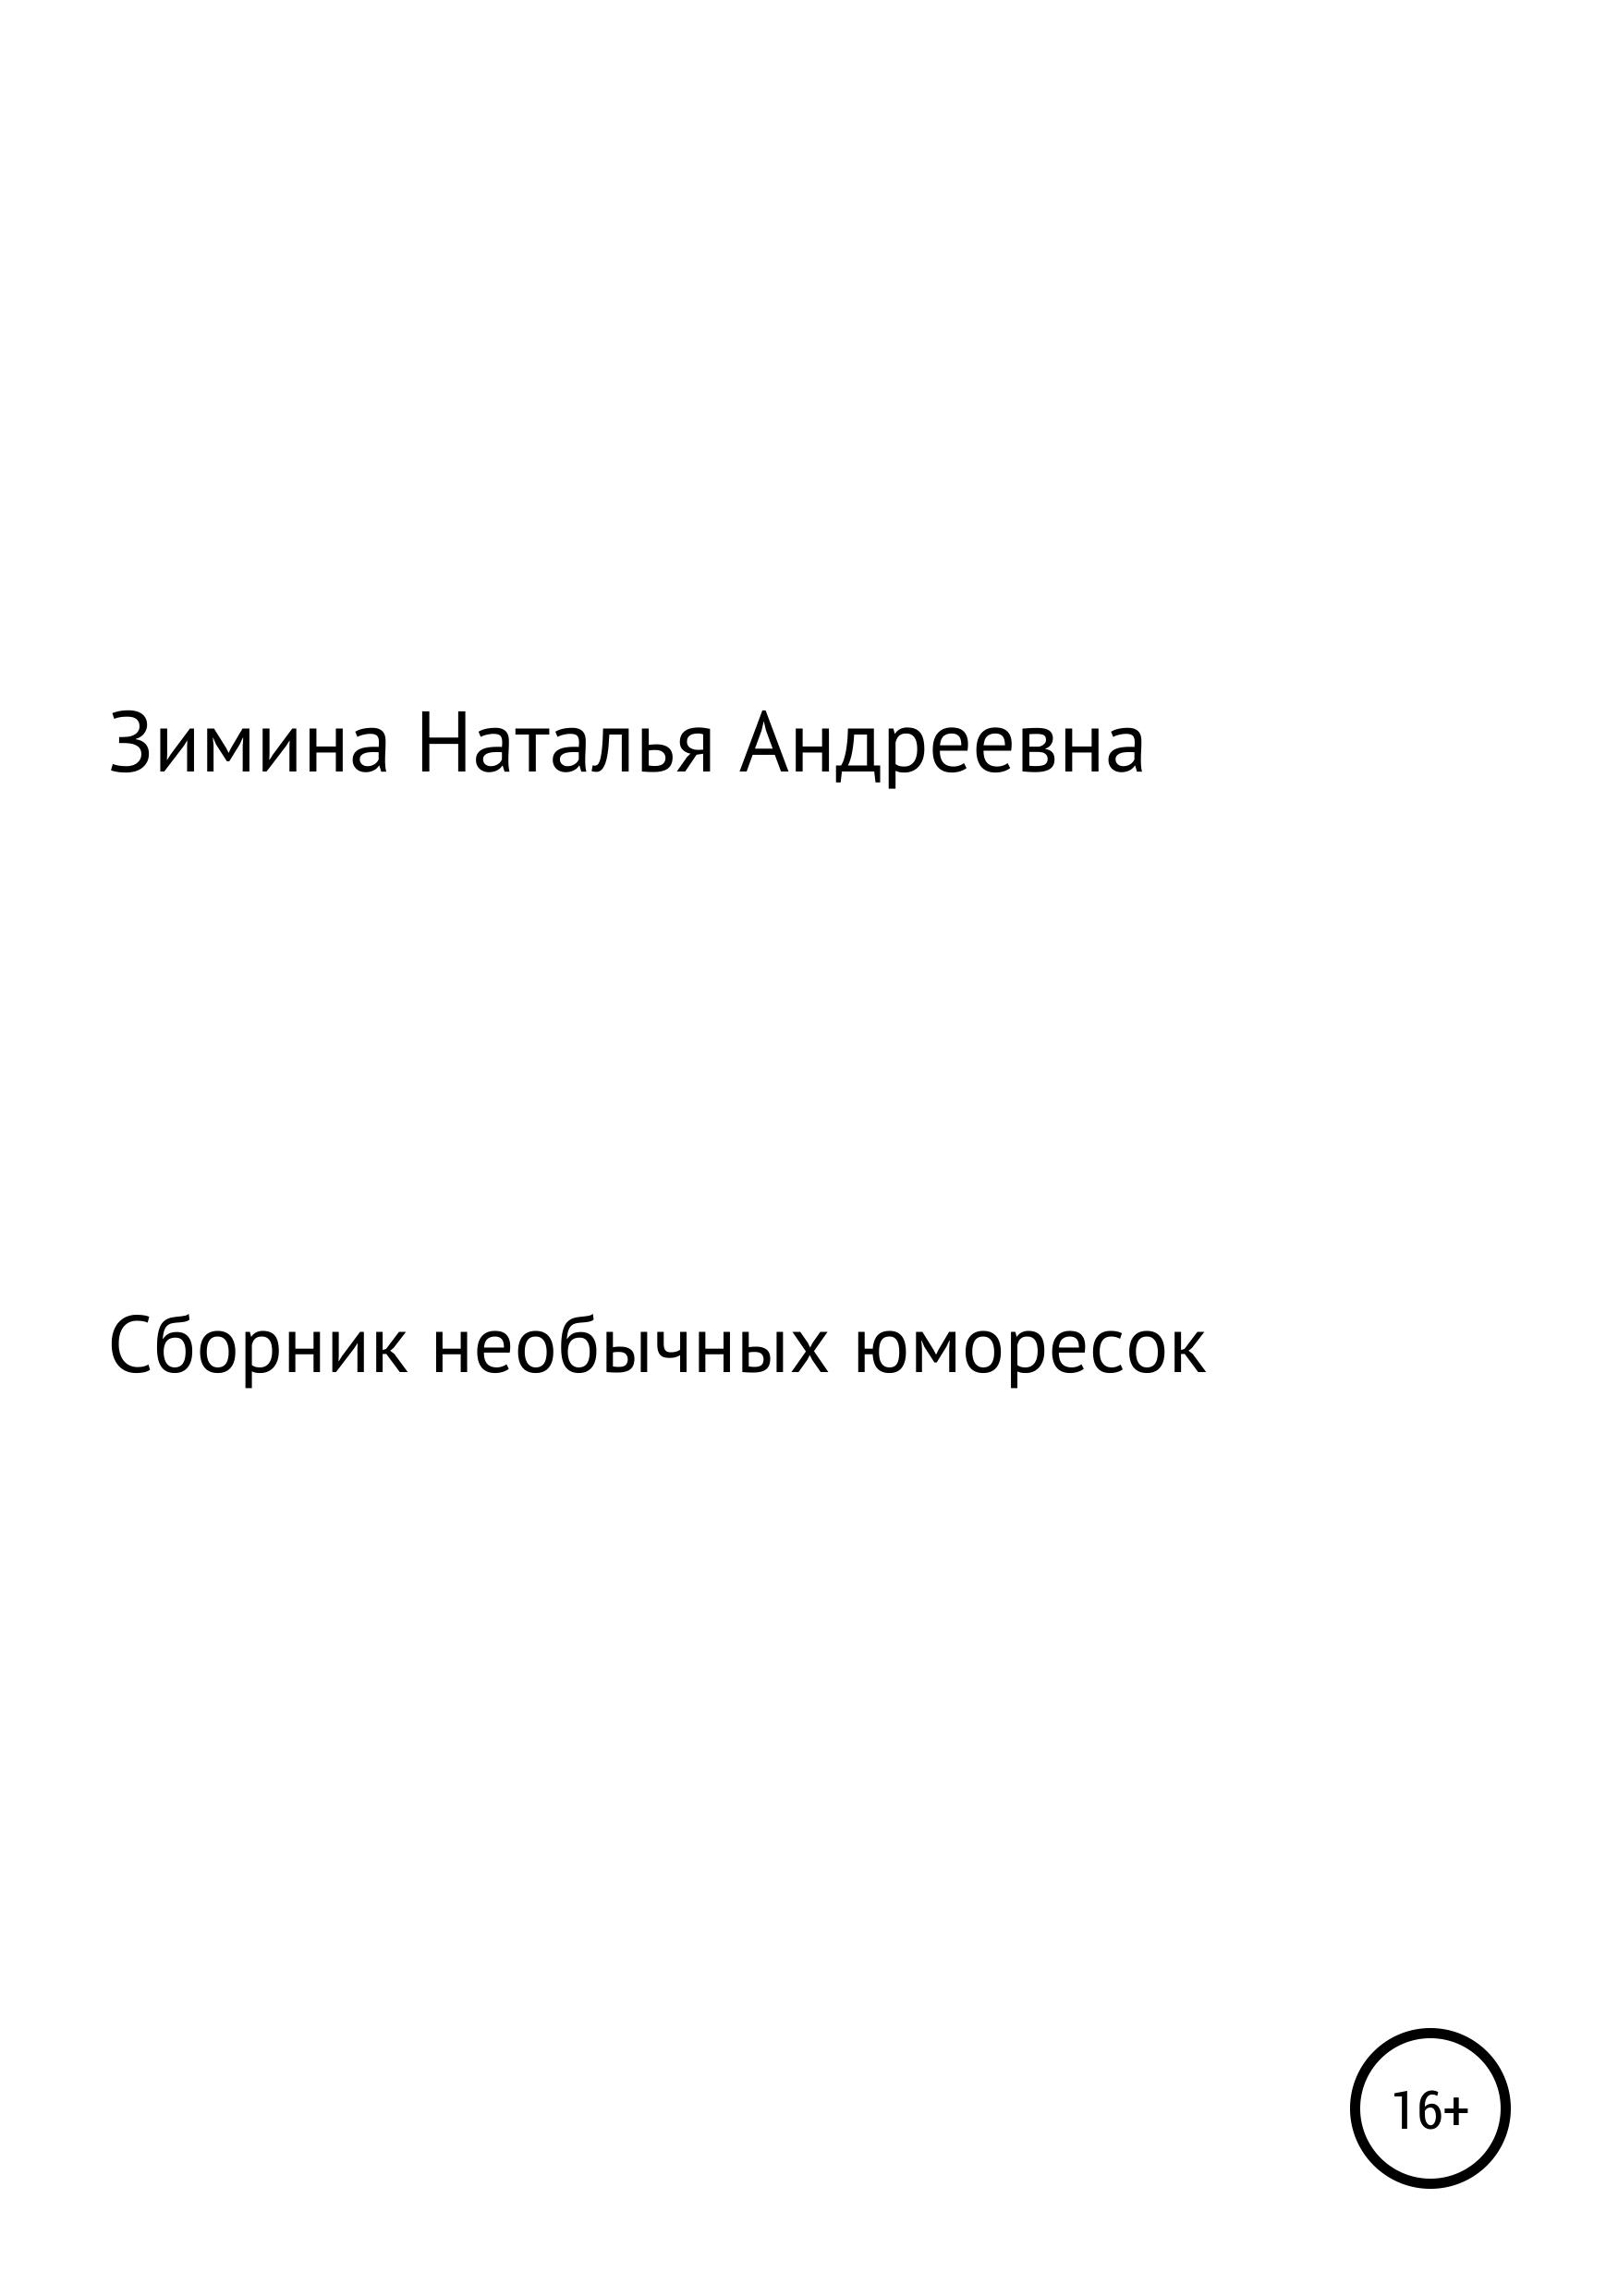 Наталья Андреевна Зимина Сборник необычных юморесок